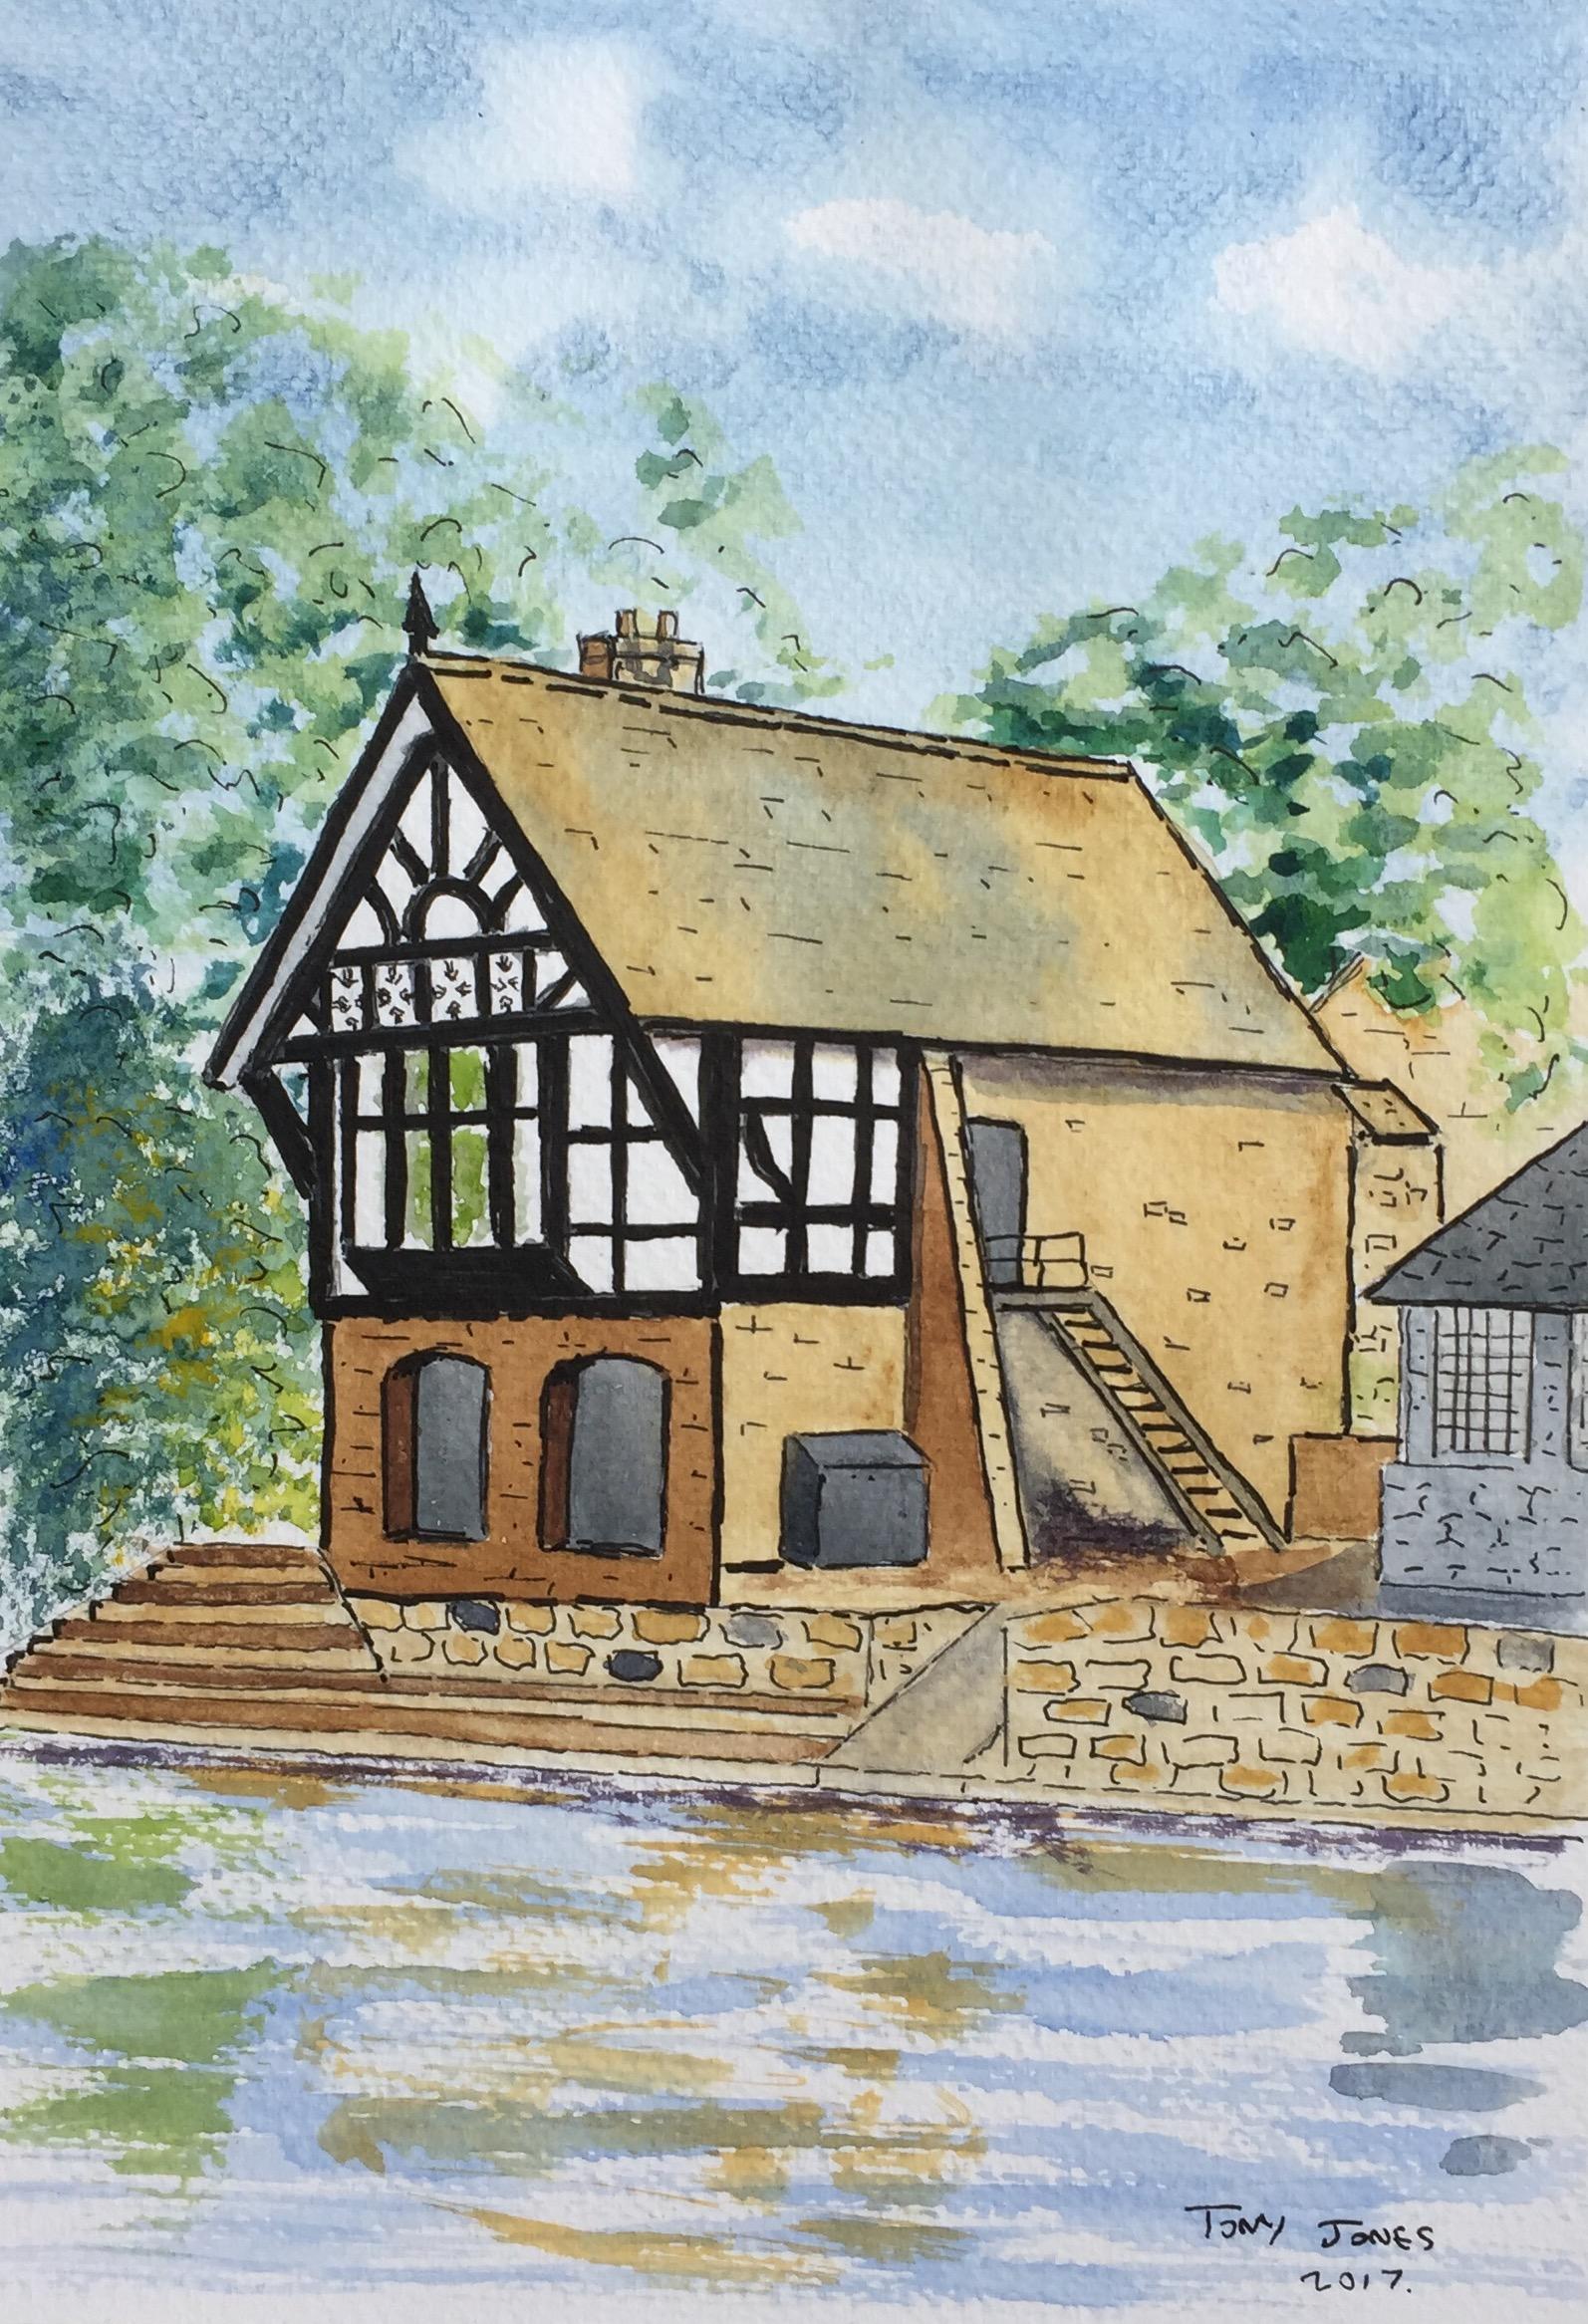 Tony river house.jpg